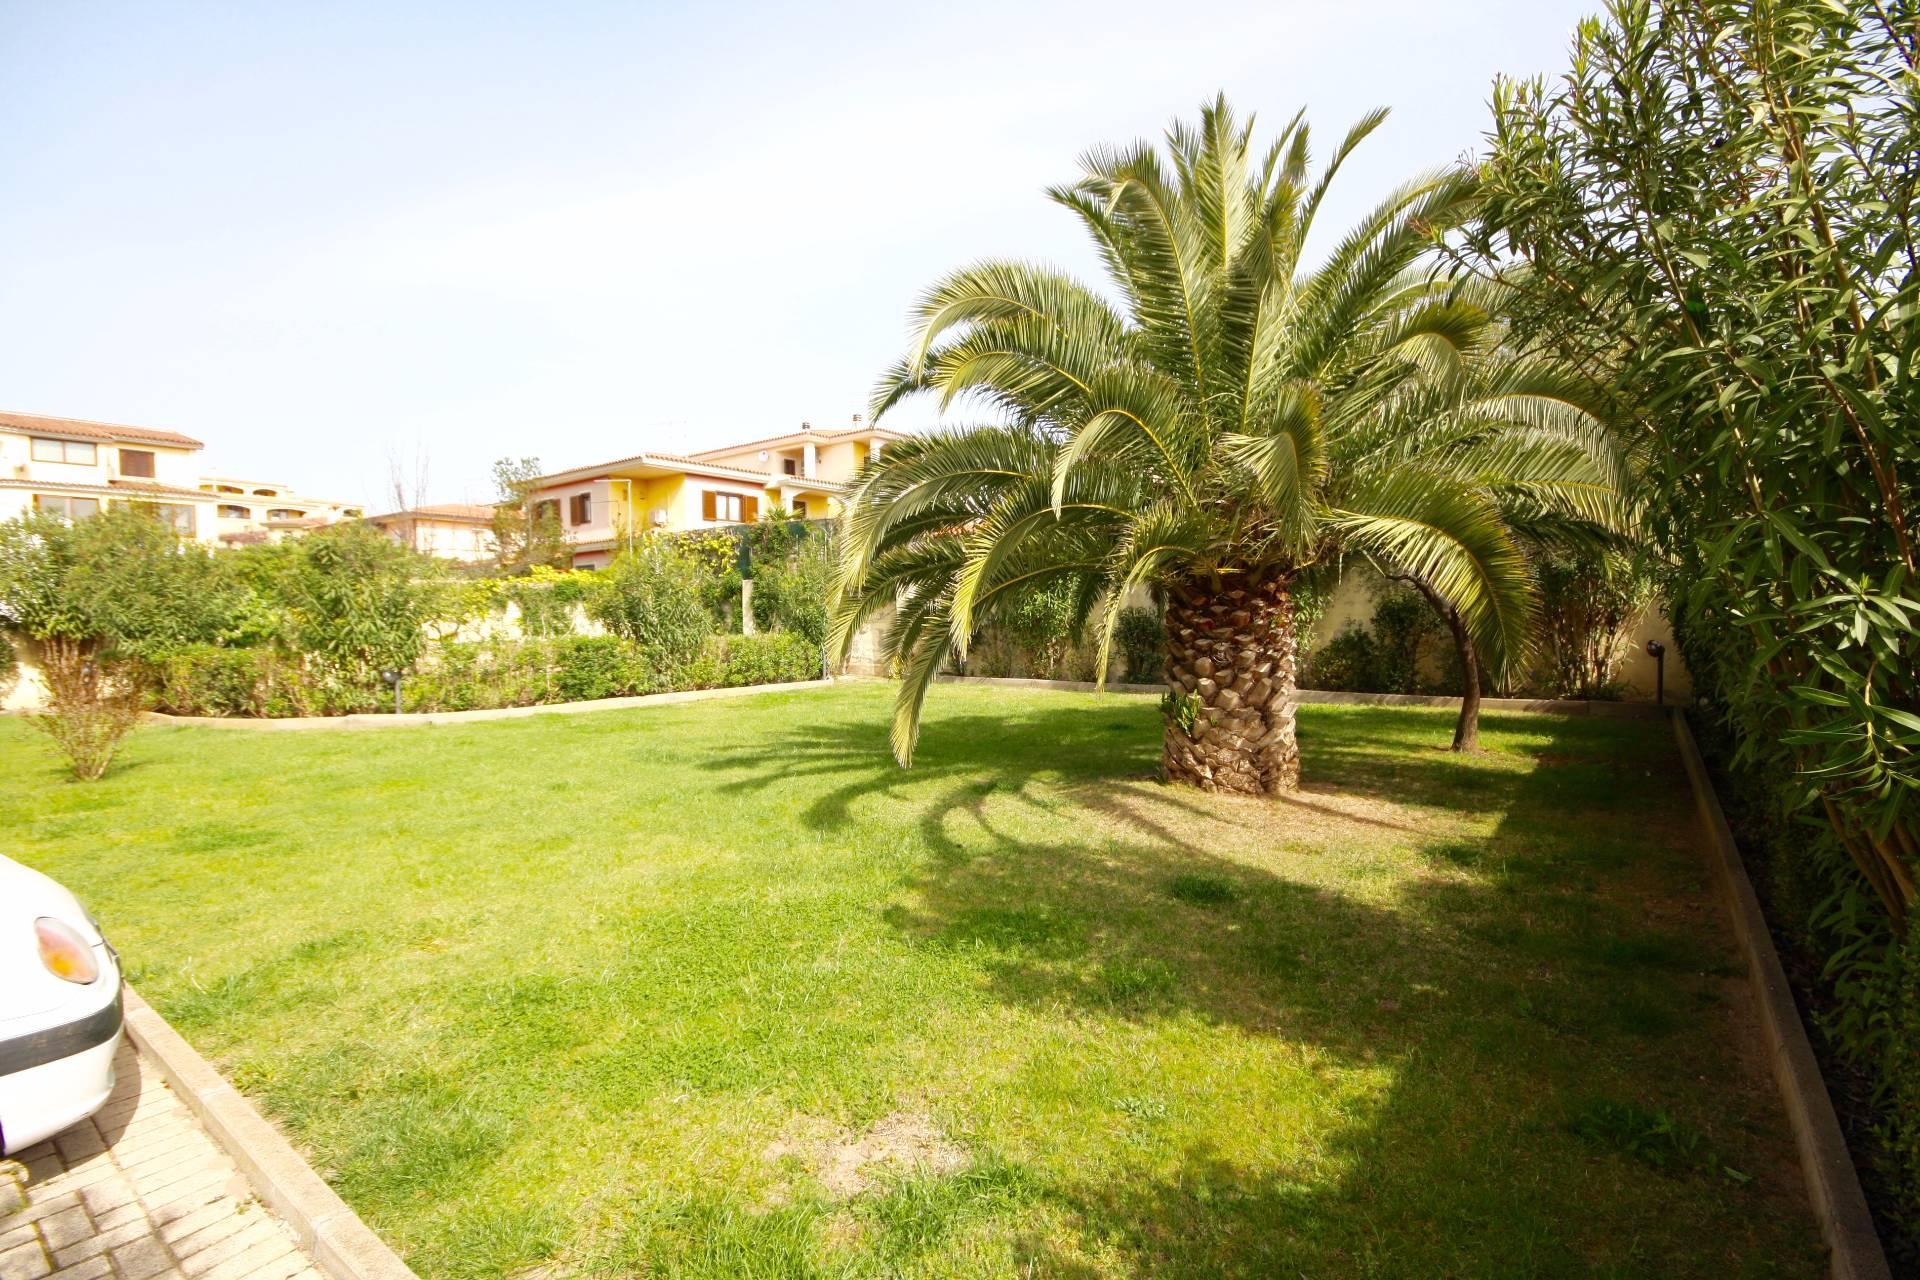 Terreno Edificabile Residenziale in vendita a Olbia - Porto Rotondo, 9999 locali, zona Località: Olbiacittà, prezzo € 80.000 | CambioCasa.it